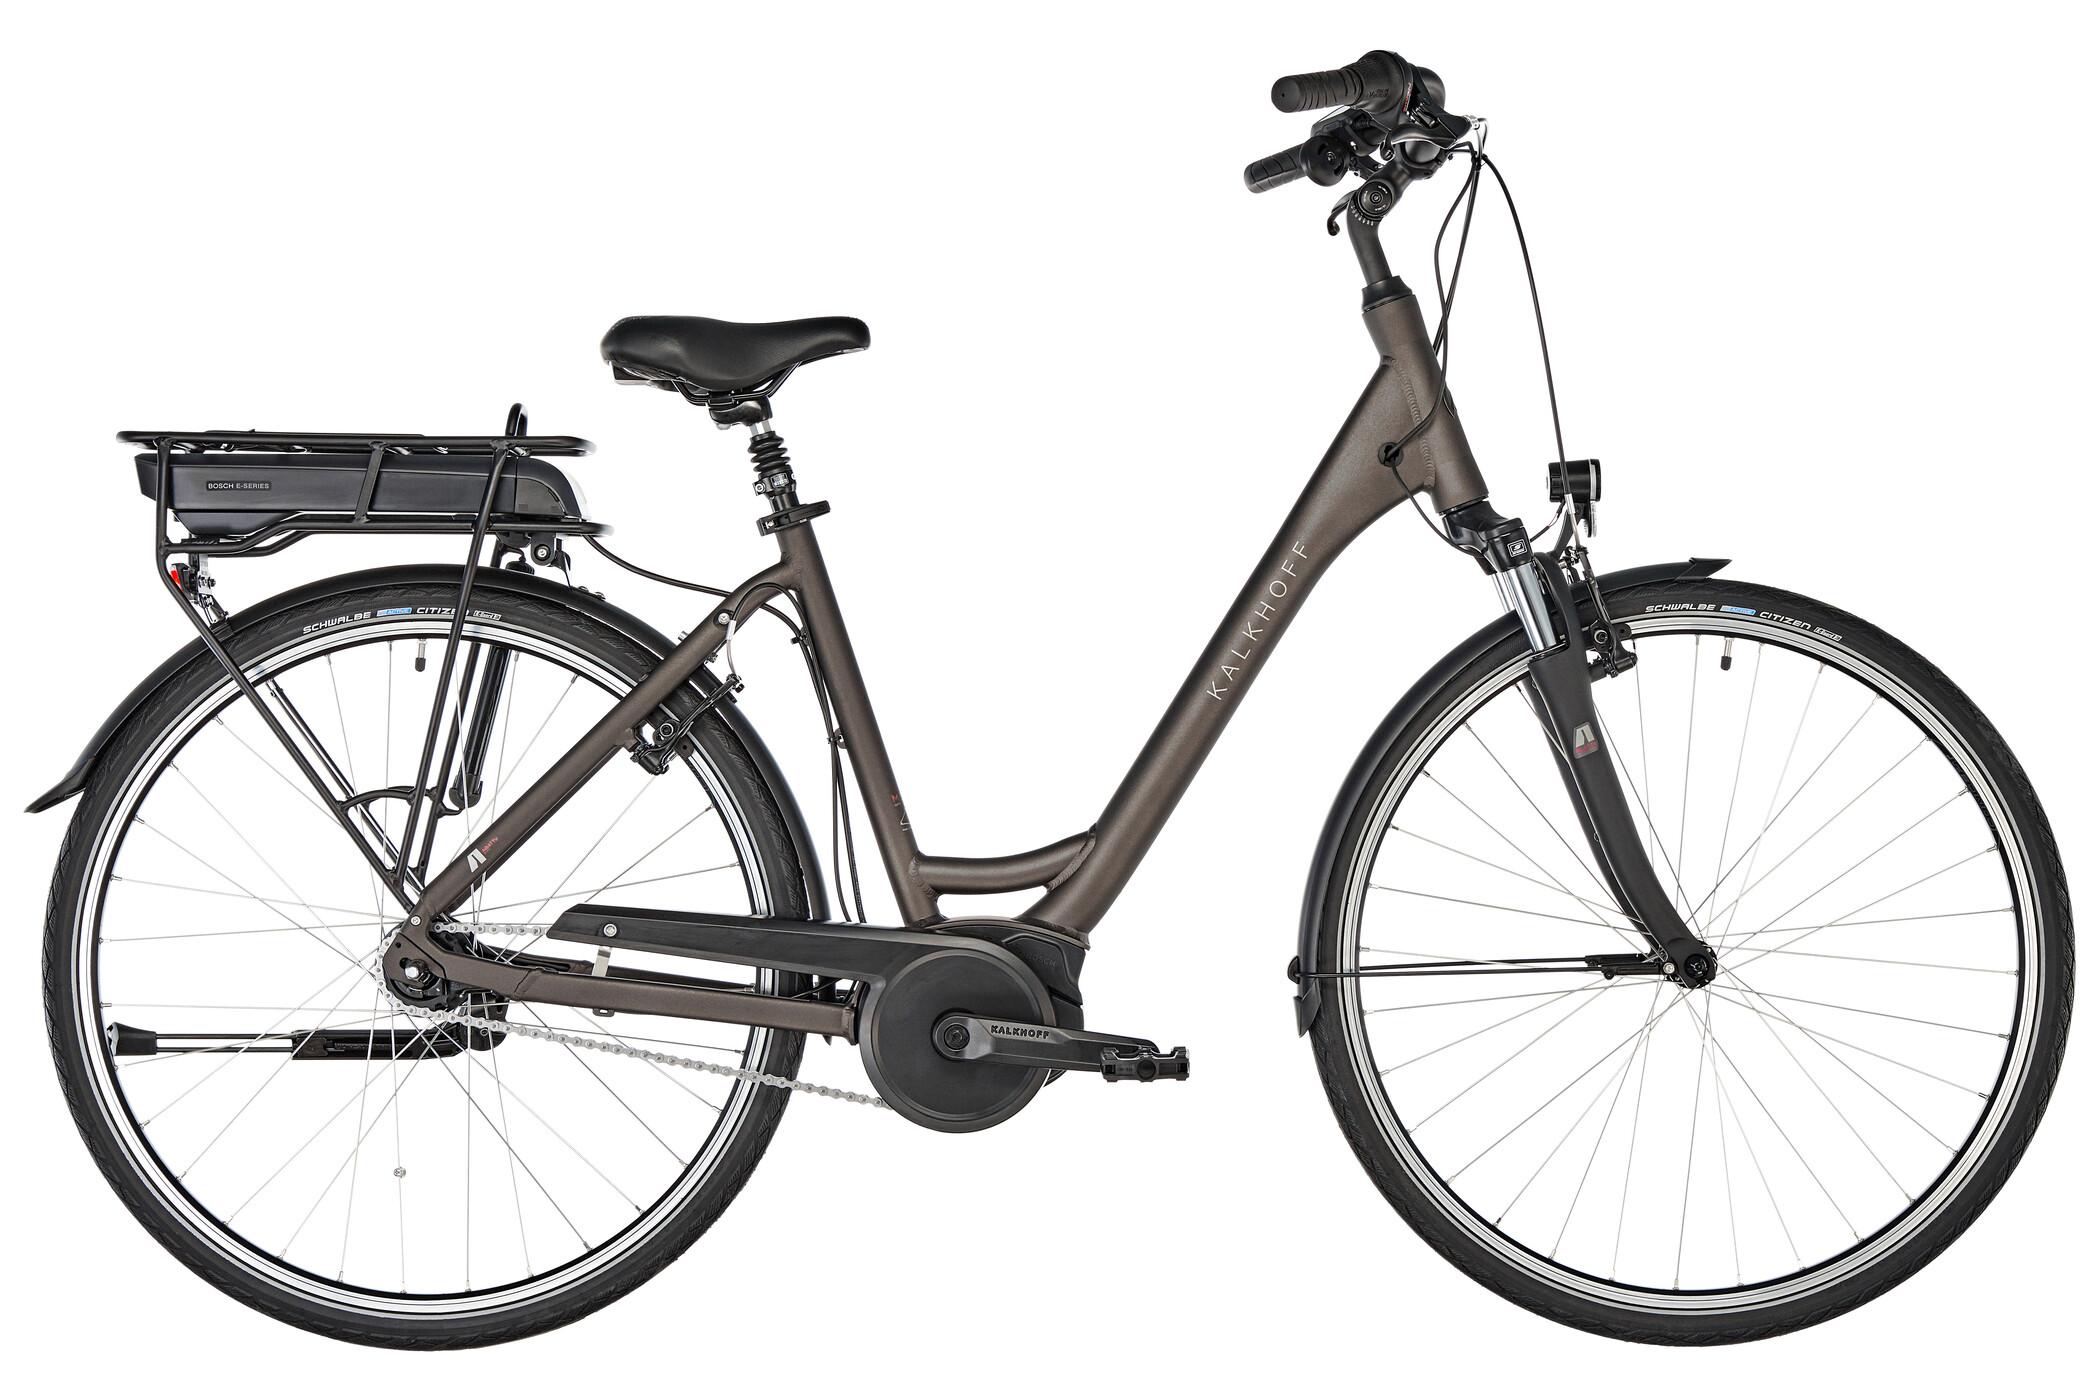 Kalkhoff Agattu 1.B Move R Wave 400Wh, atlasgrey matt | City-cykler